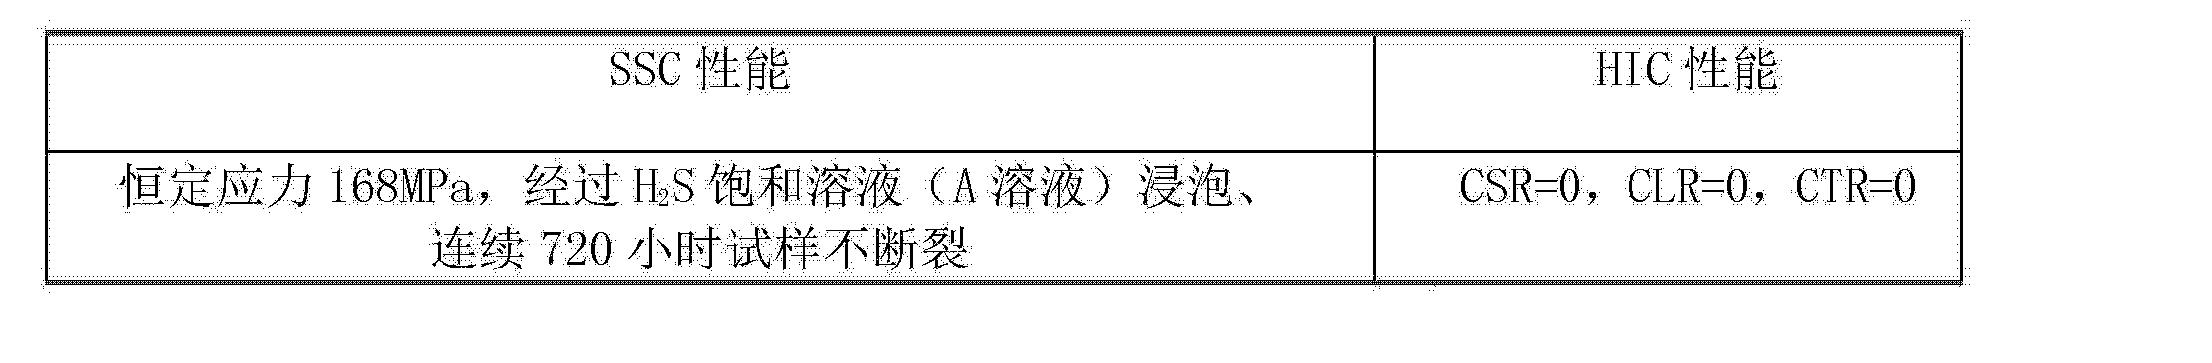 Figure CN102367550BD00091